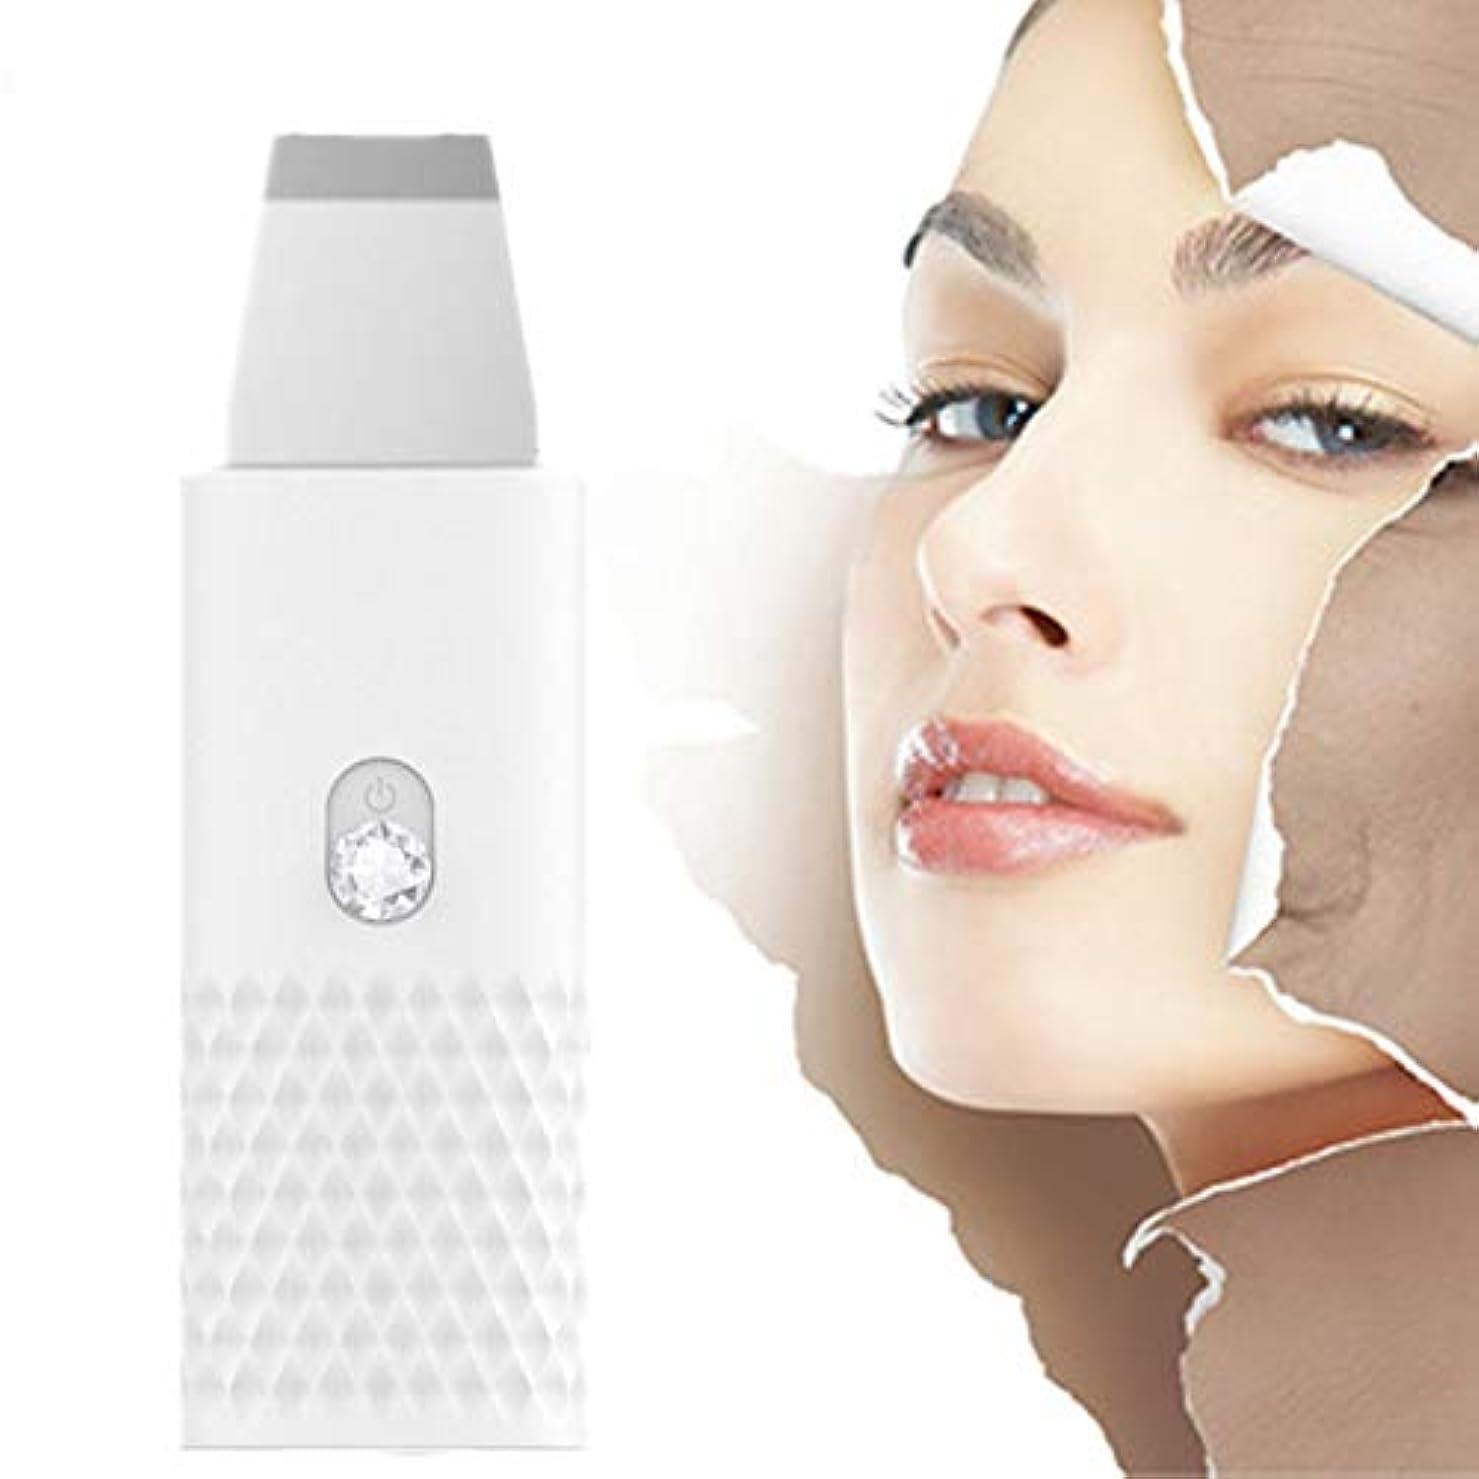 アイザックたらい強いツールクレンザー古い角質除去ホワイトピーリング顔の皮膚のスクラバーブラックヘッドリムーバー毛穴クリーナー電気EMS導入モードUSB充電女性のスキンマッサージスクラバー?フェイシャルリフティング